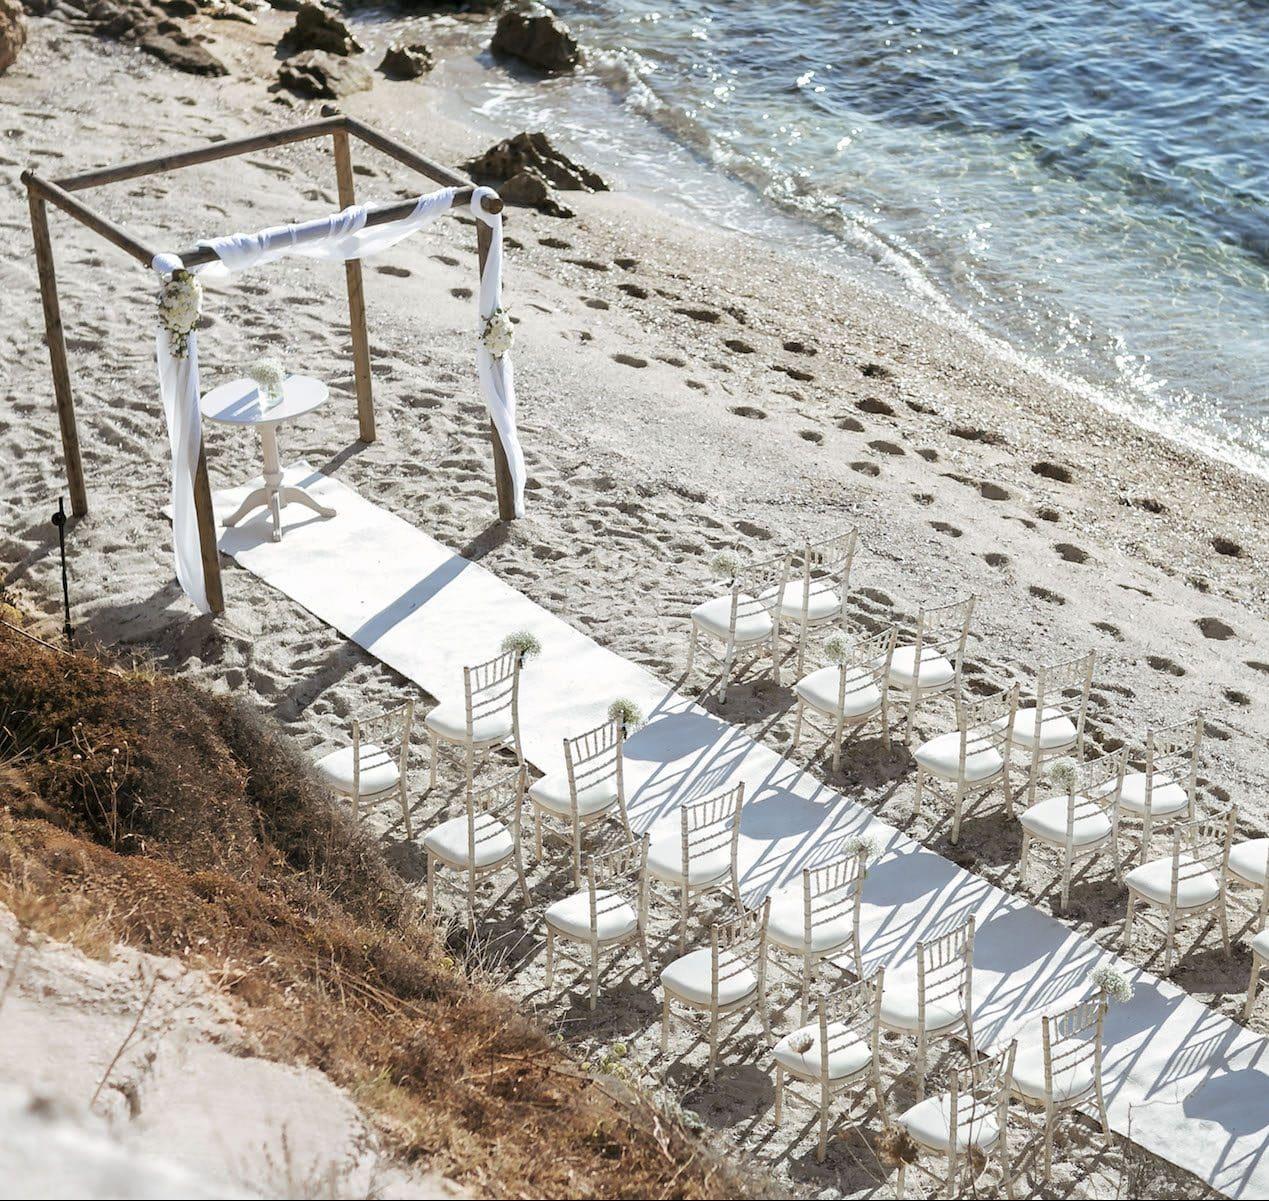 Matrimonio Riva Al Mare Toscana : Matrimonio in spiaggia sposarsi al mare in versilia è bellissimo